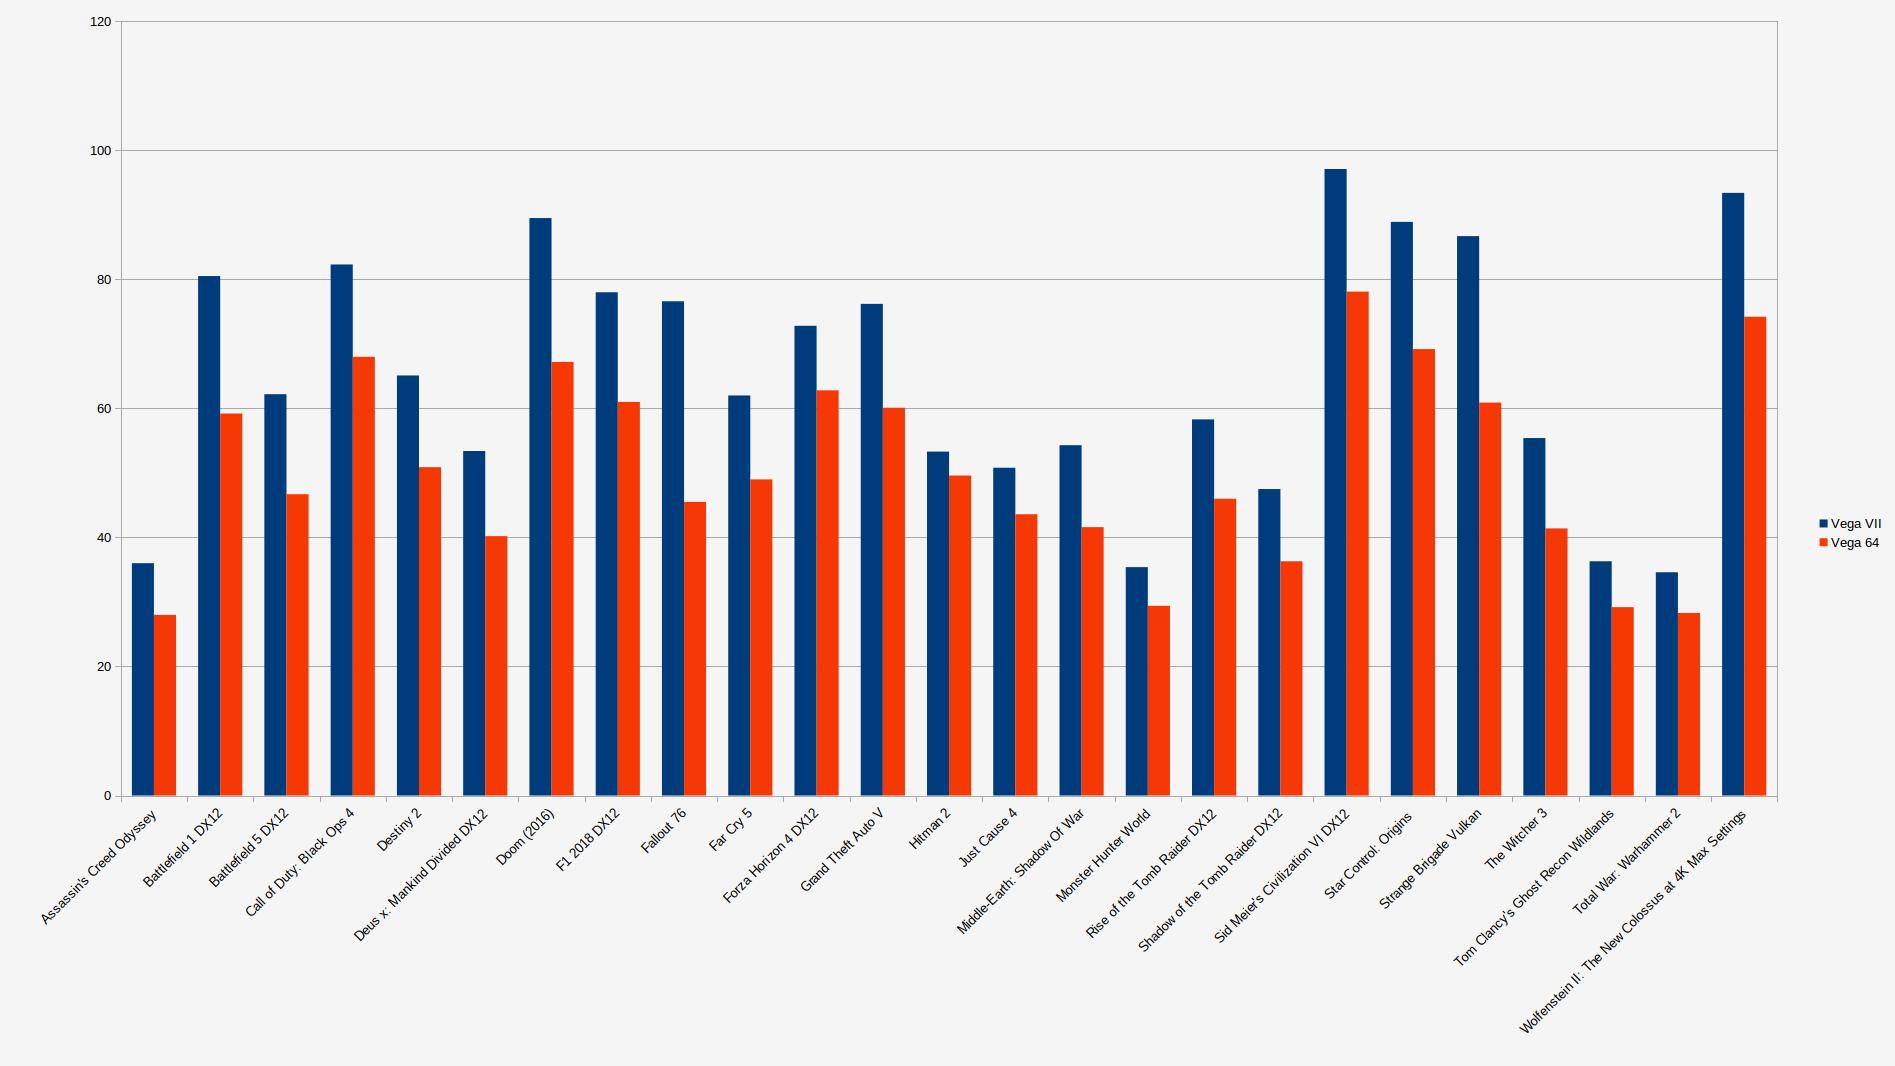 AMD Radeon VII a prueba en 25 juegos: supera a la RX Vega 64 en un 68% 42